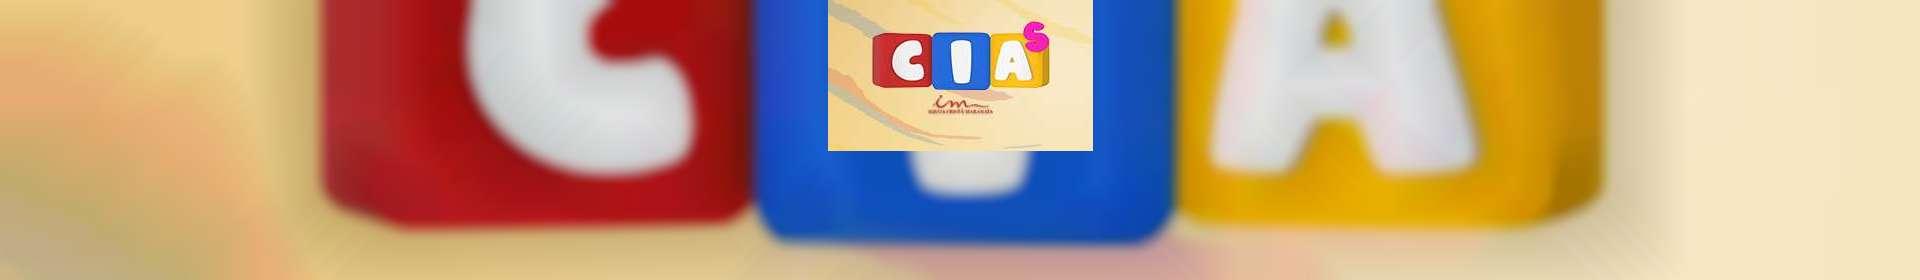 Aula de CIAS: classe de 7 a 11 anos - 09 de abril de 2020